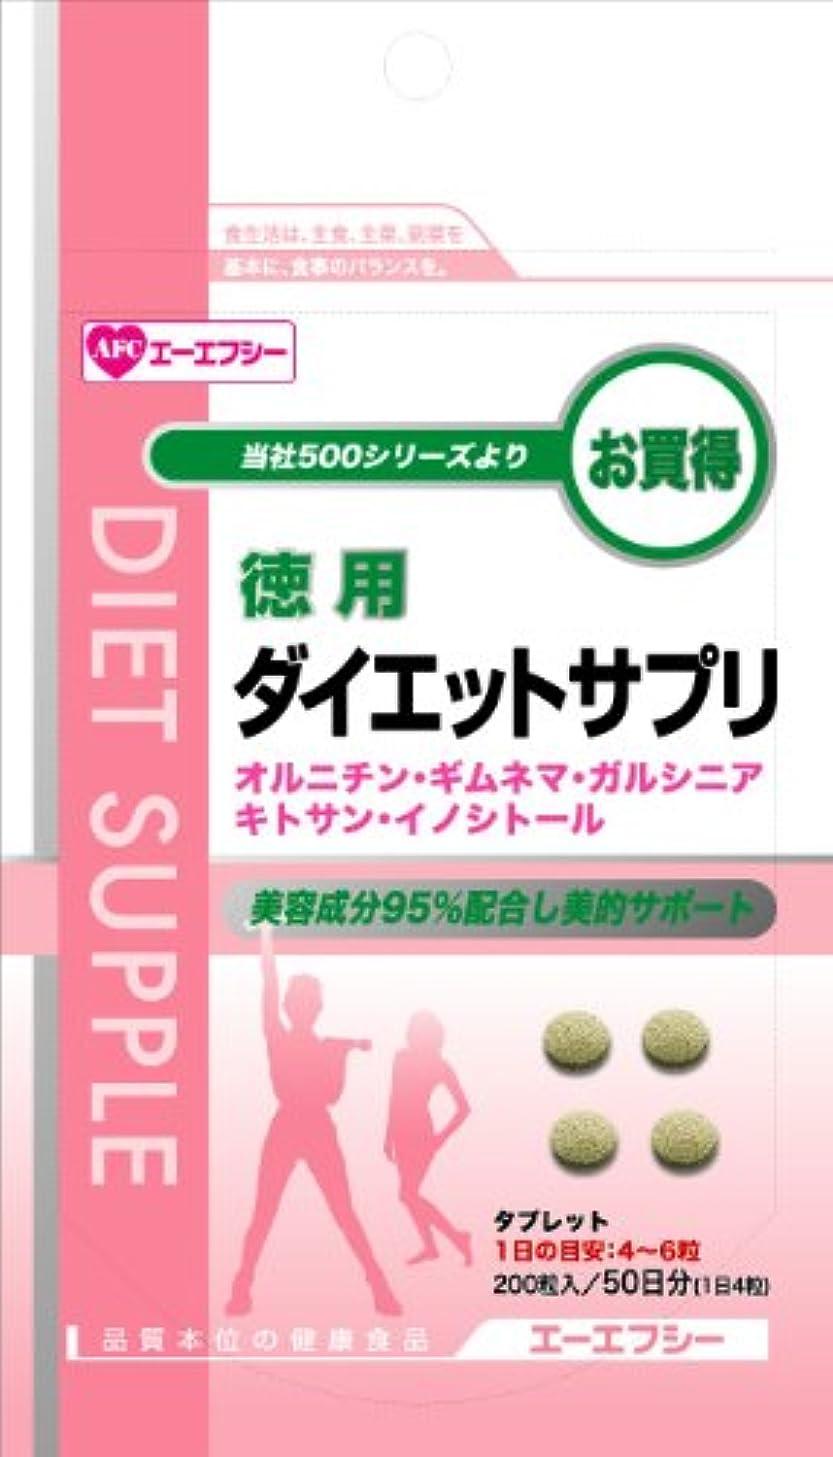 チャーミングクレタサイクロプスAFC980円シリーズ 徳用 ダイエットサプリ 200粒入 (約50日分)